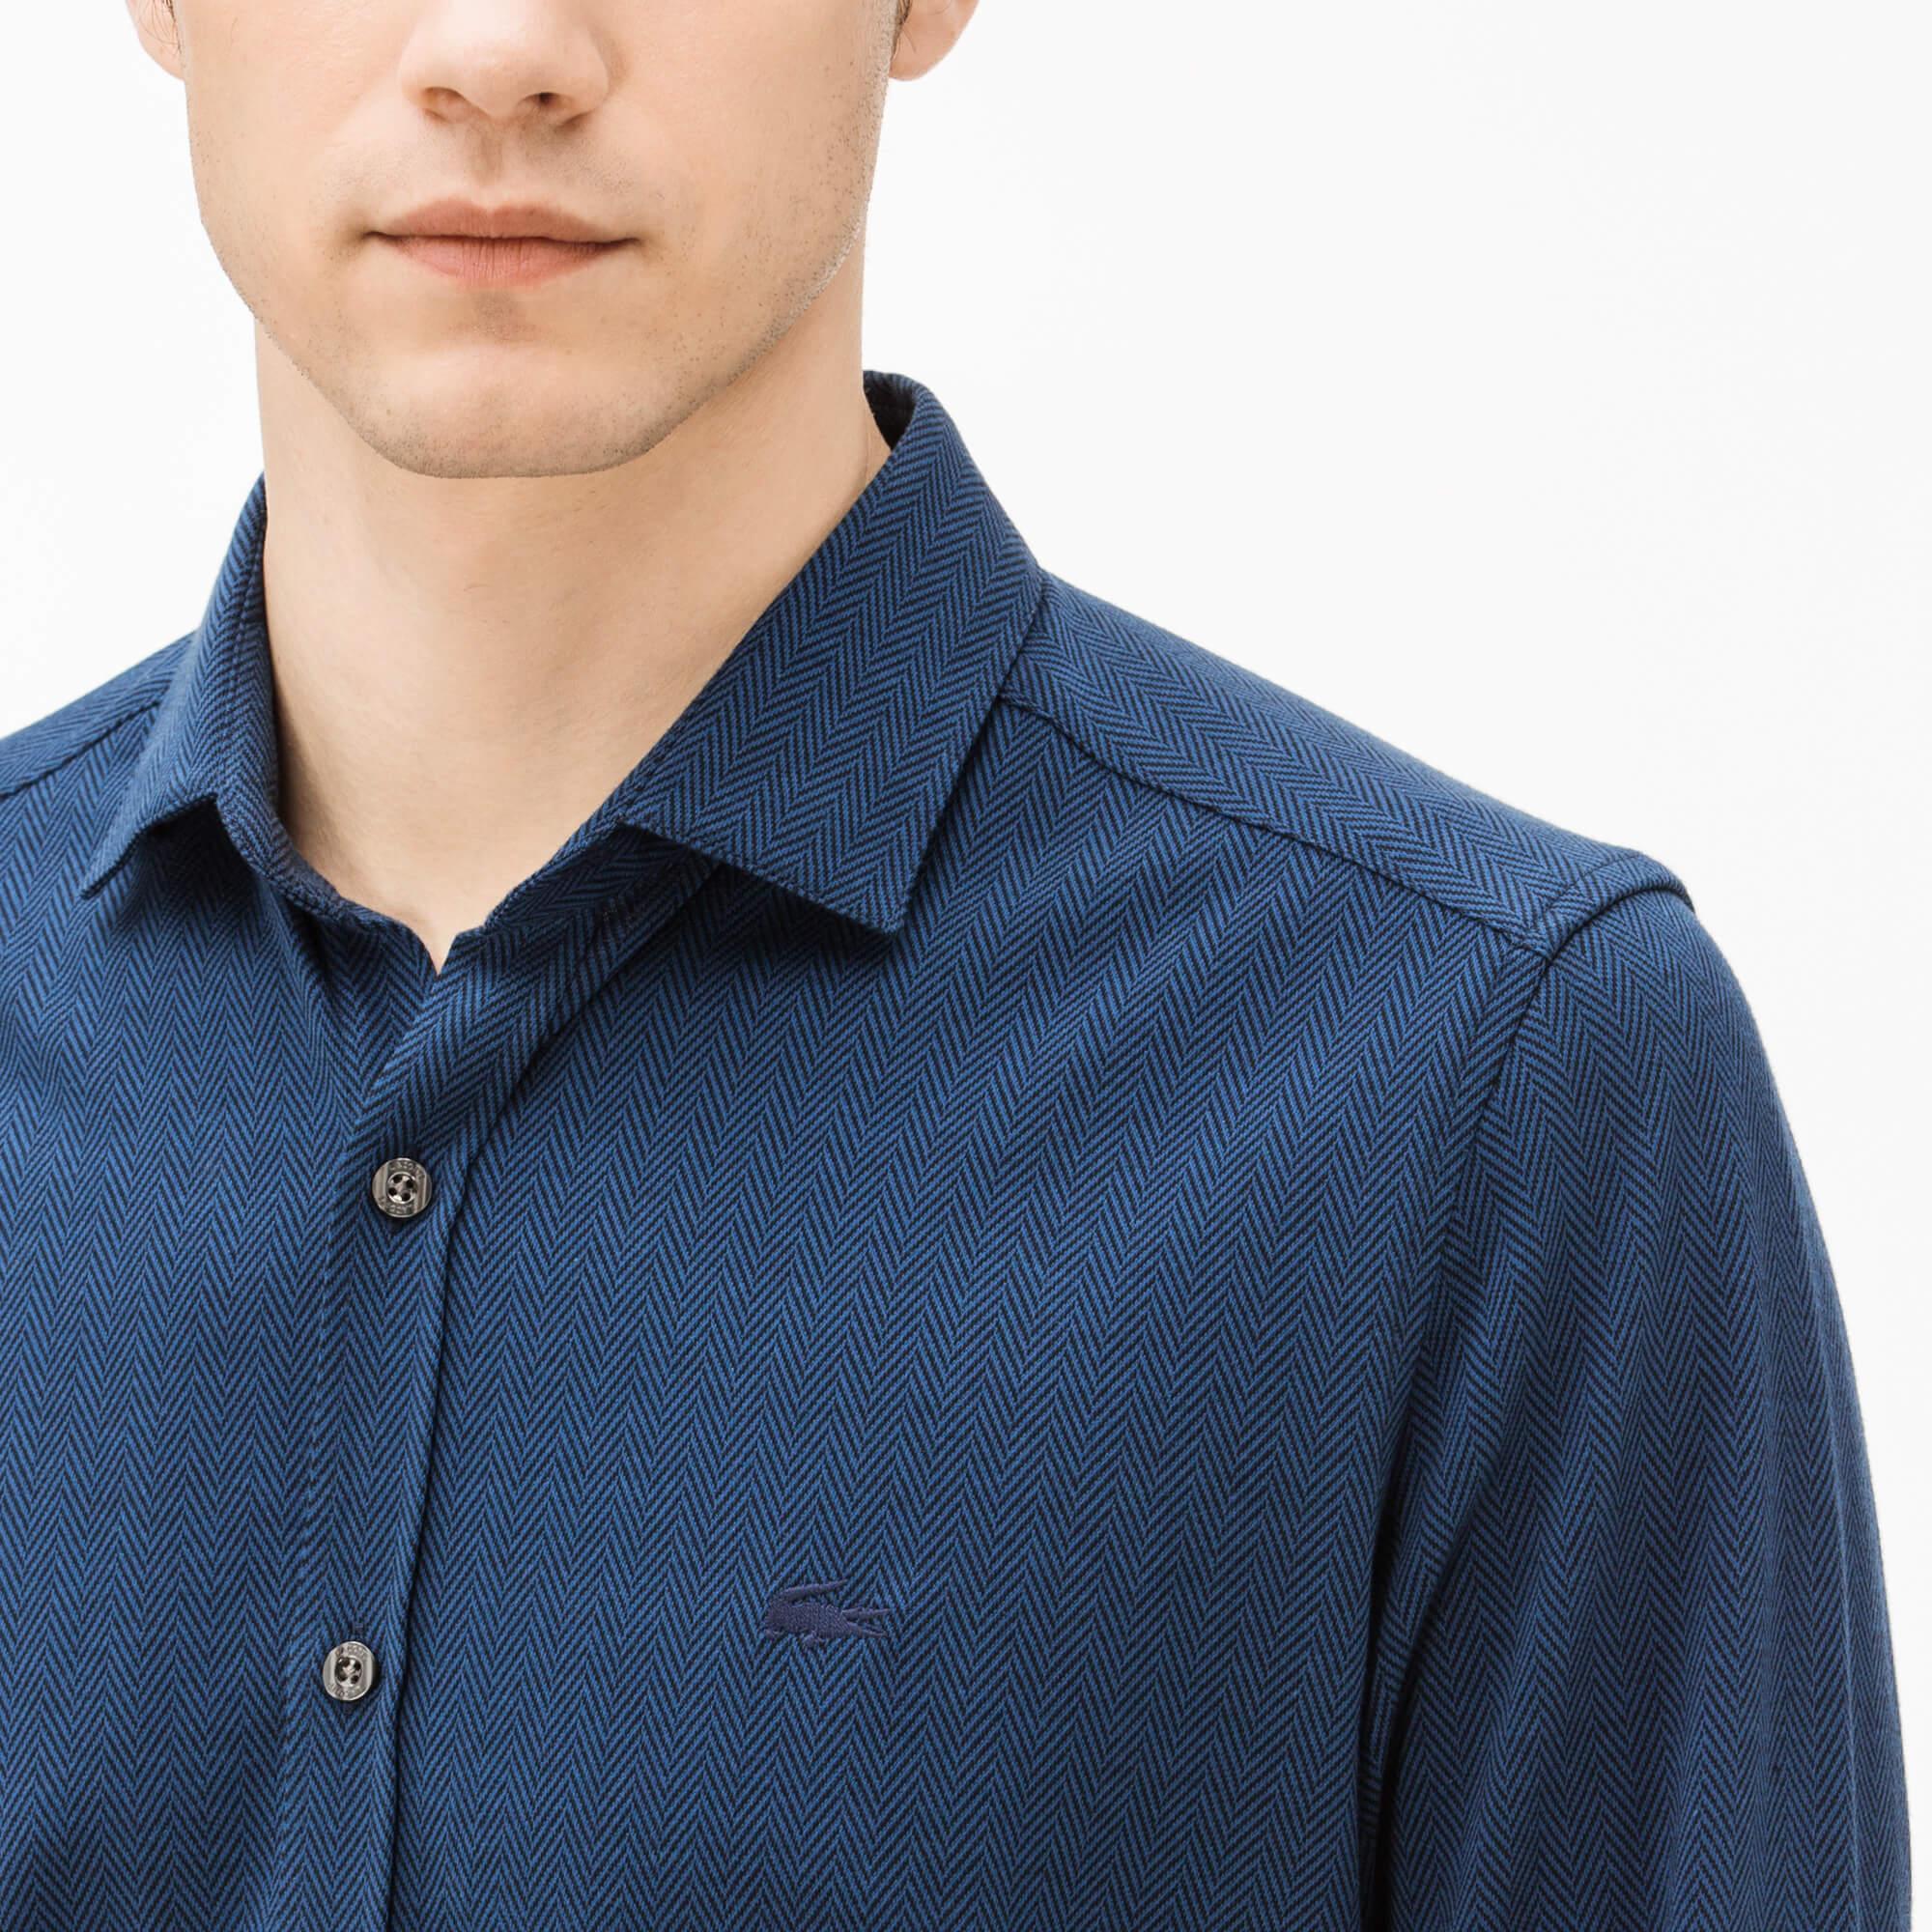 Фото 2 - Мужскую рубашку Lacoste темно-синего цвета